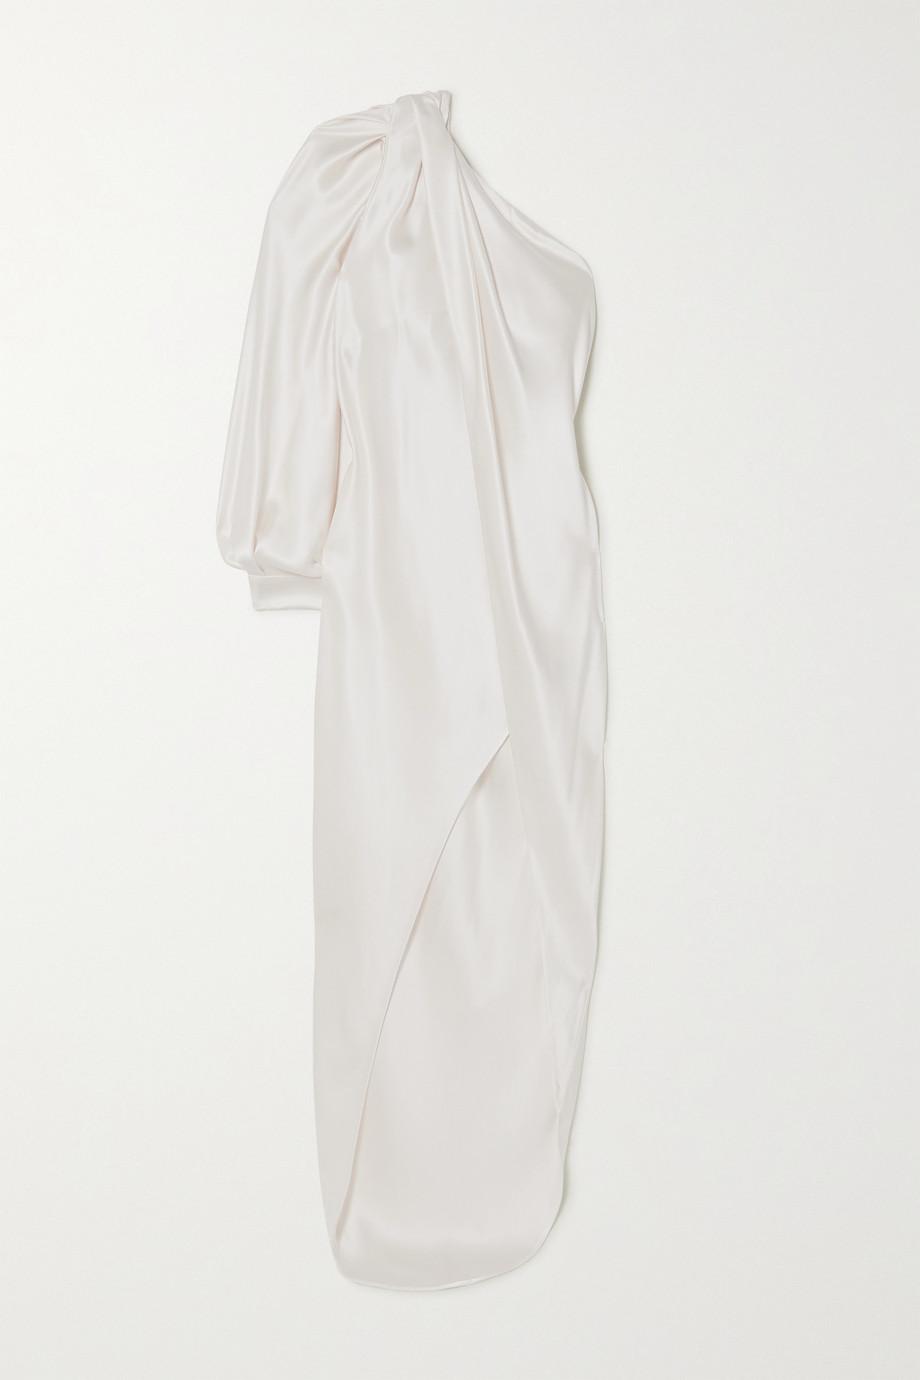 Ralph & Russo Asymmetrische Robe aus Seidensatin